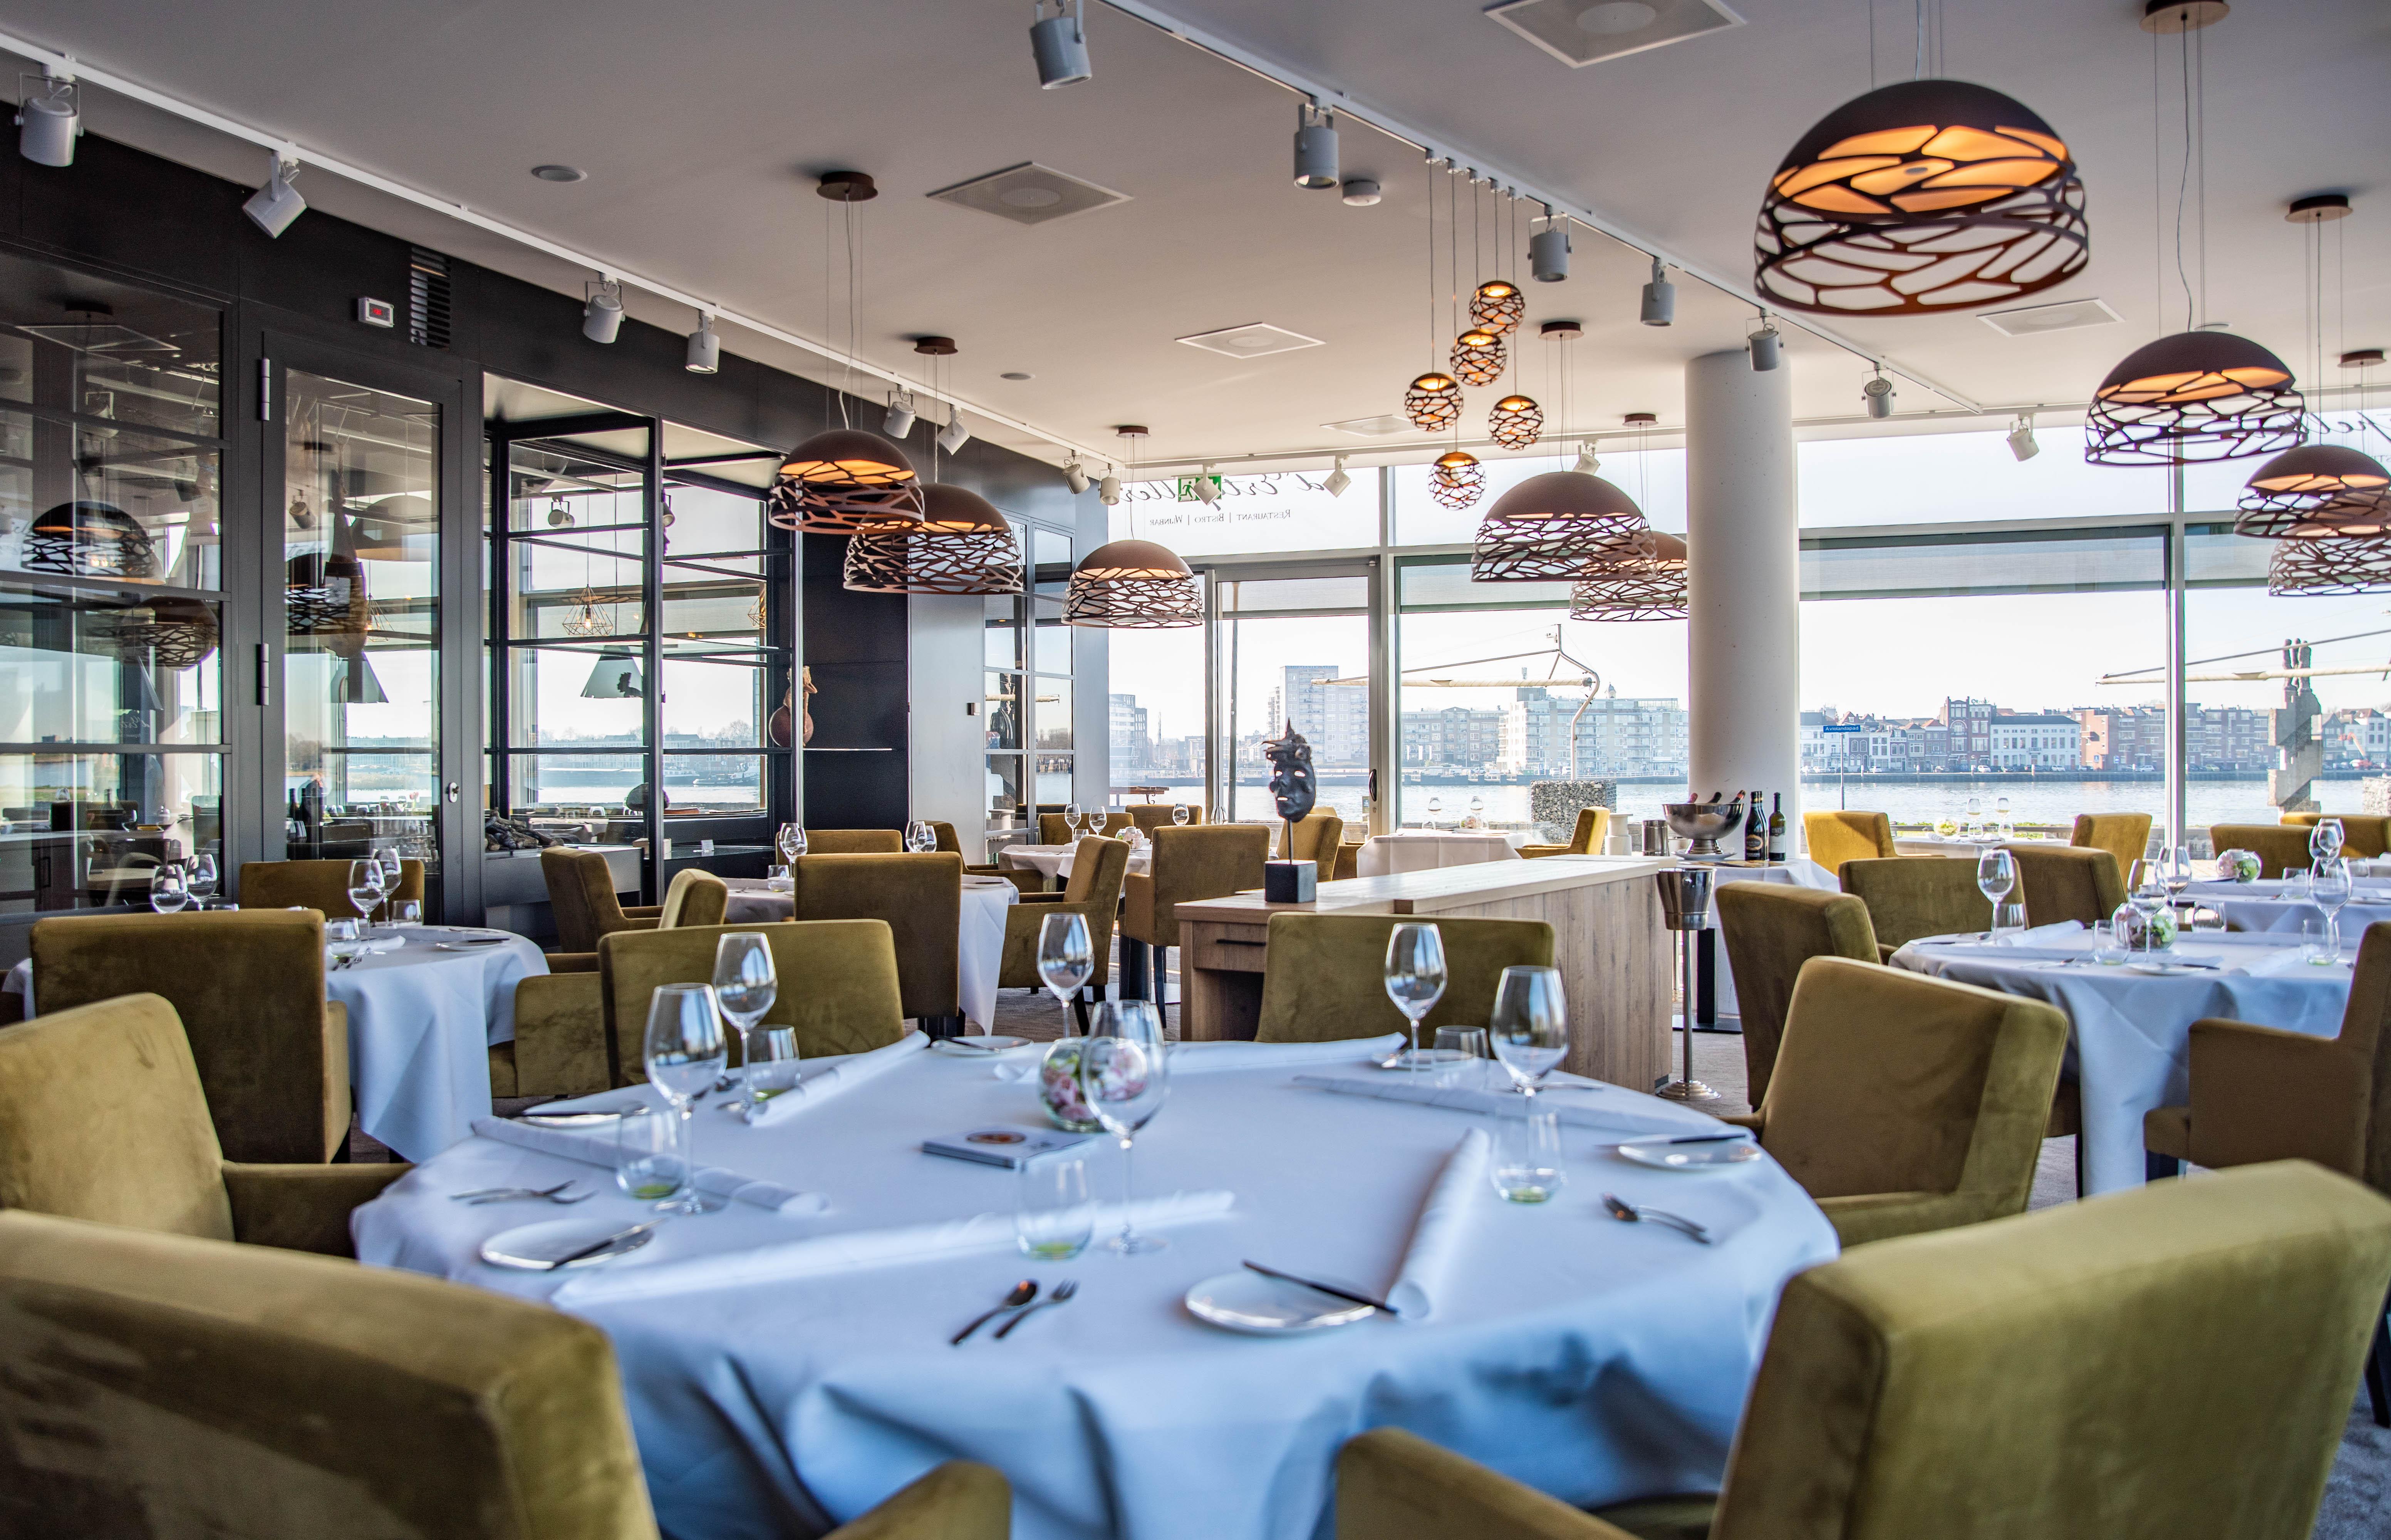 Restaurant, Ertepeller, Papendrecht, Uit eten